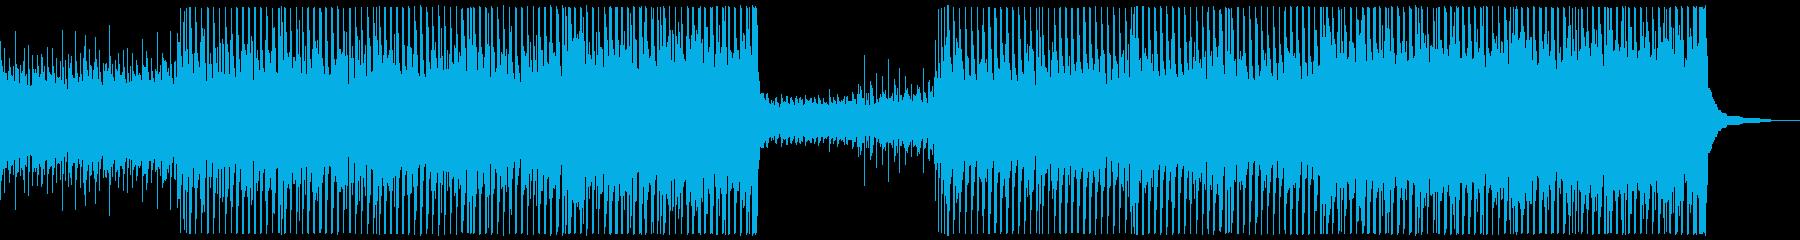 アコースティックギターを使ったポップダンの再生済みの波形